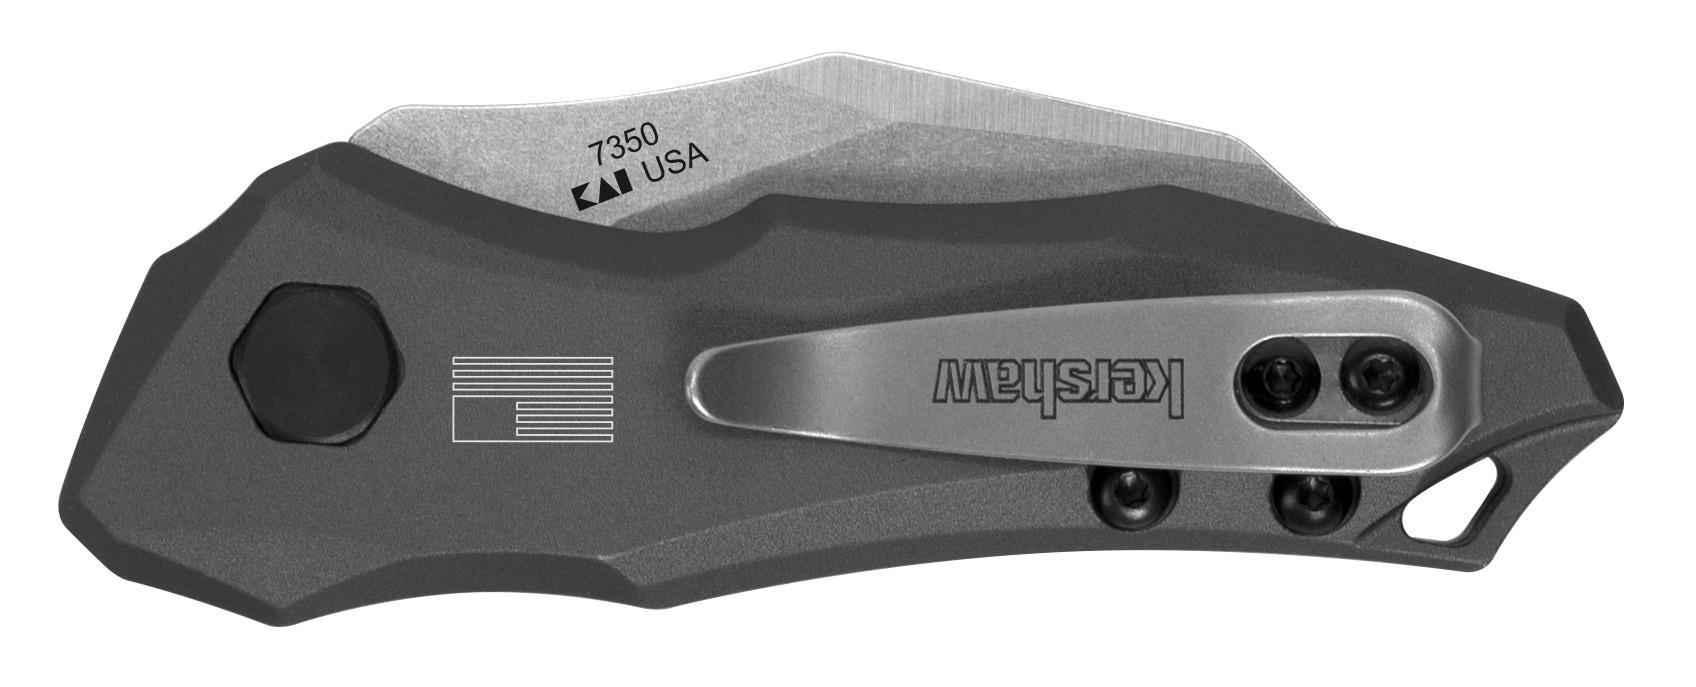 Фото 2 - Полуавтоматический складной нож Launch 10 Kershaw 7350, сталь CPM 154